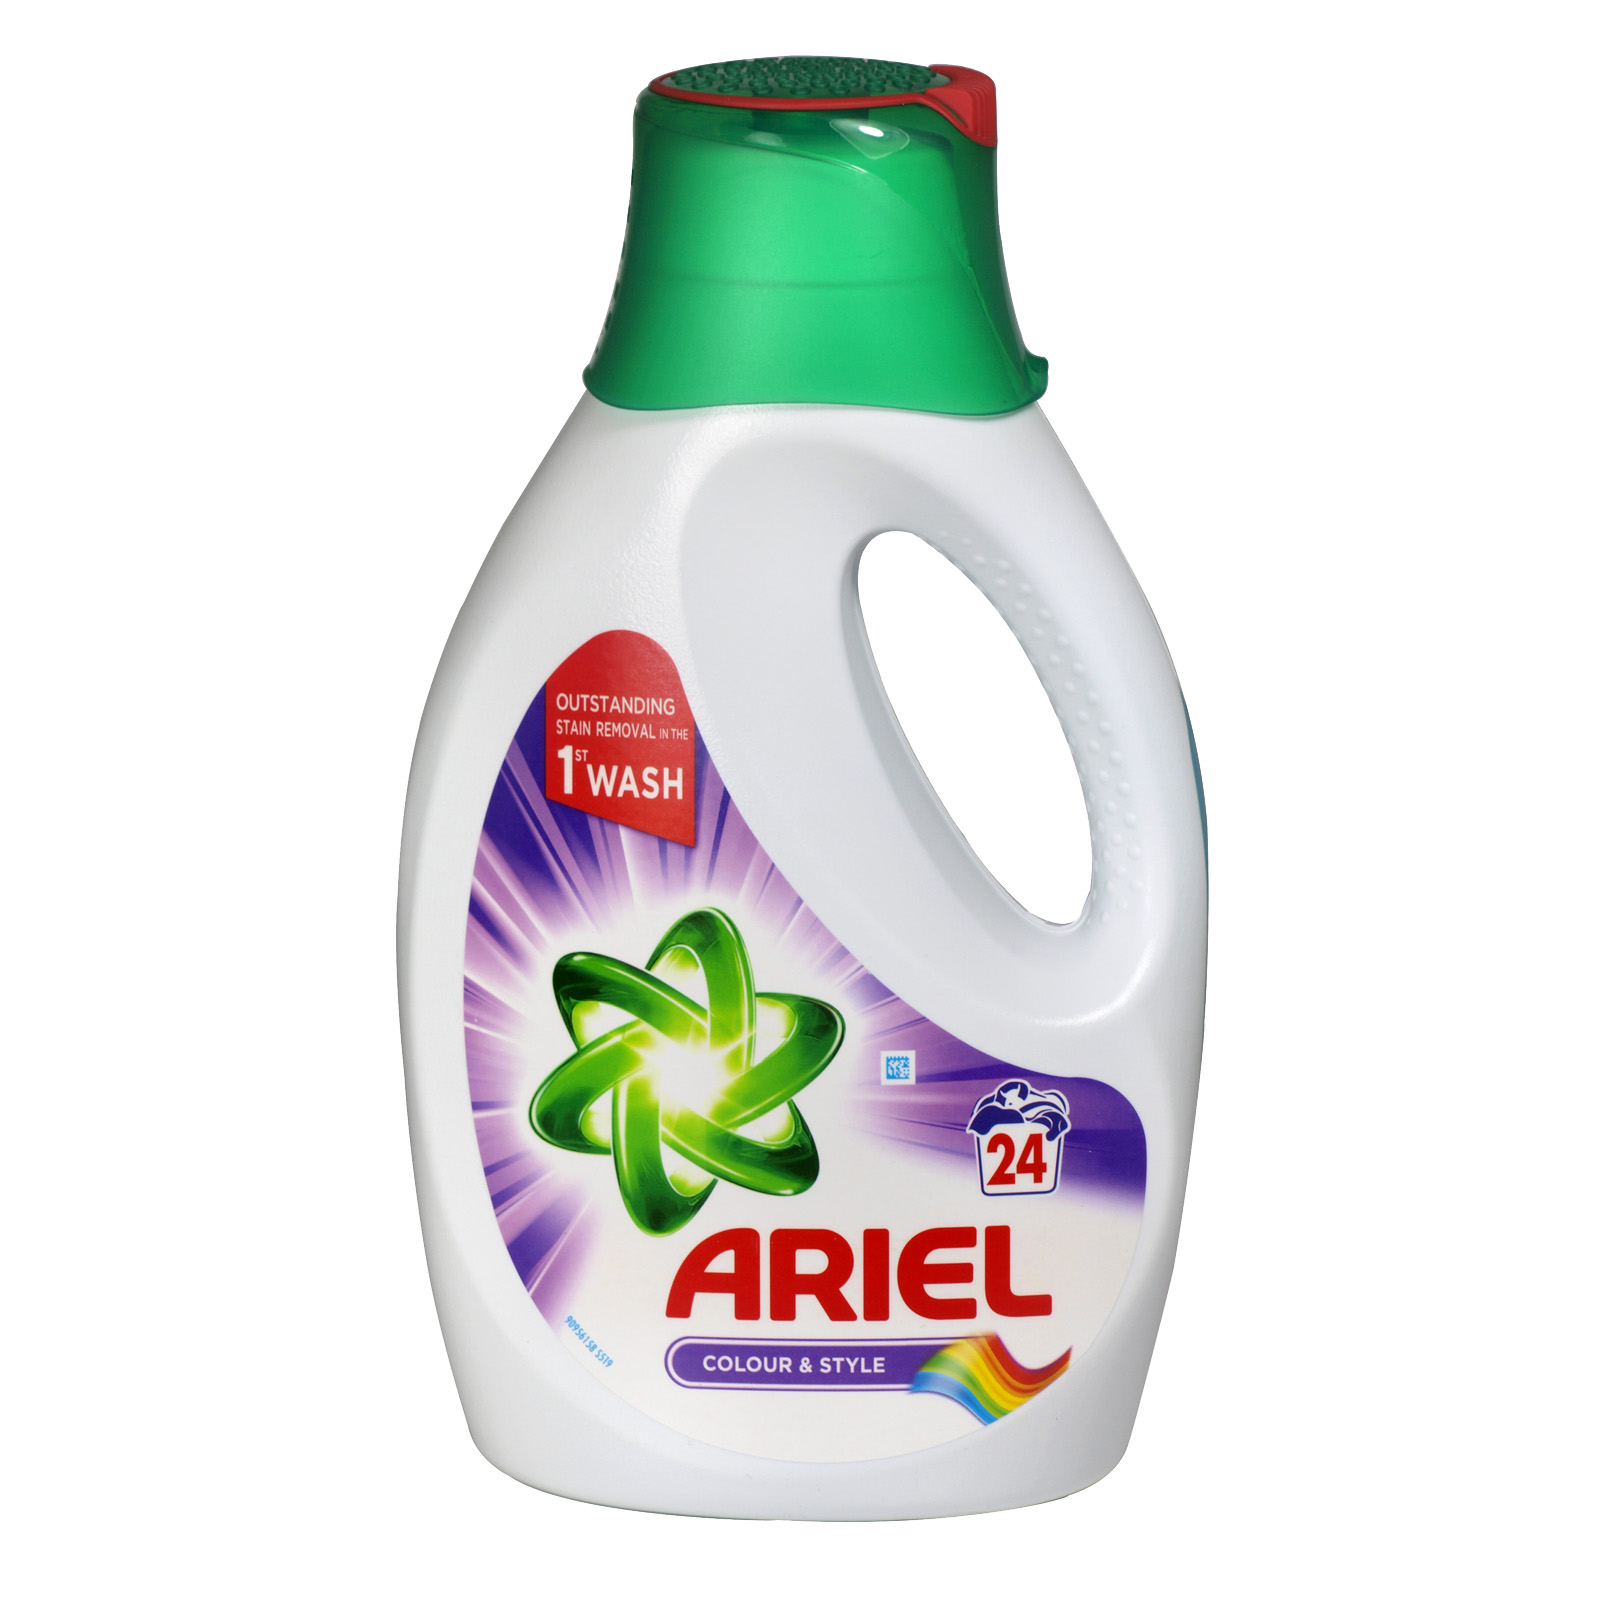 ARIEL LIQUID 24 WASH COLOUR X3